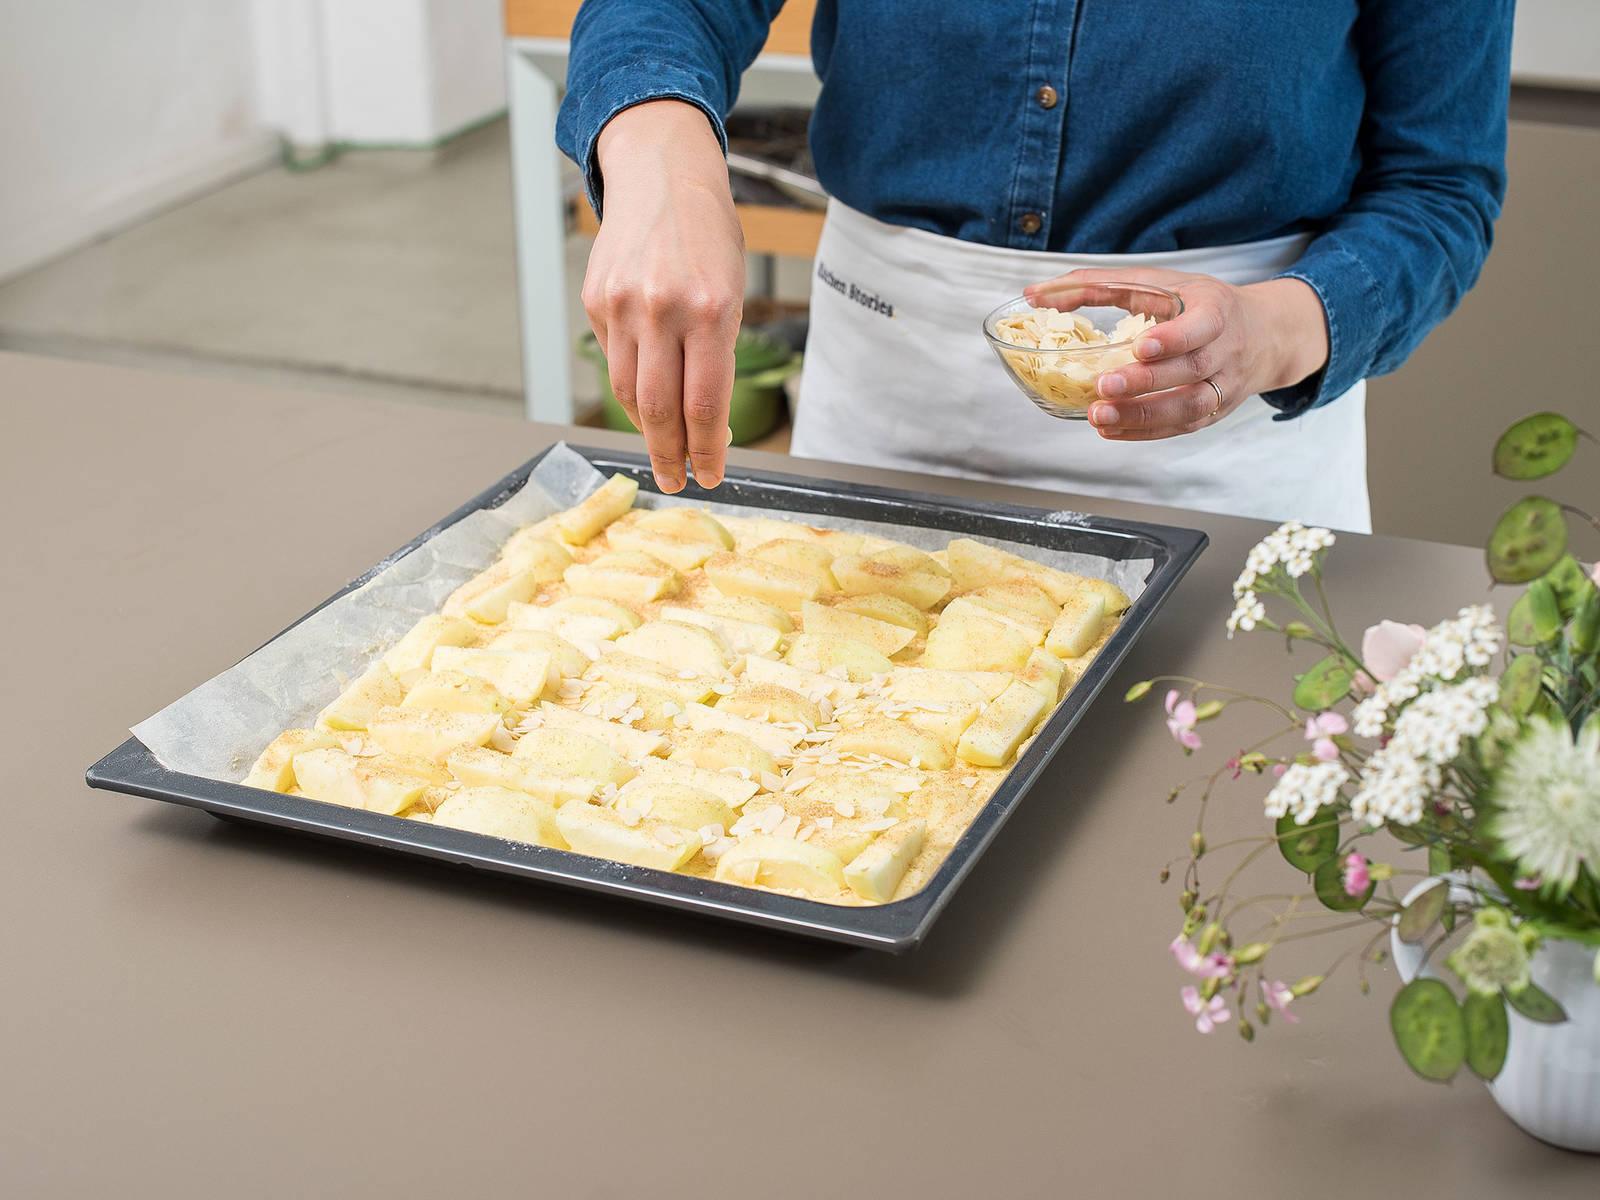 将面糊均匀抹到准备好的烤盘里,放上苹果,撒上杏仁片。